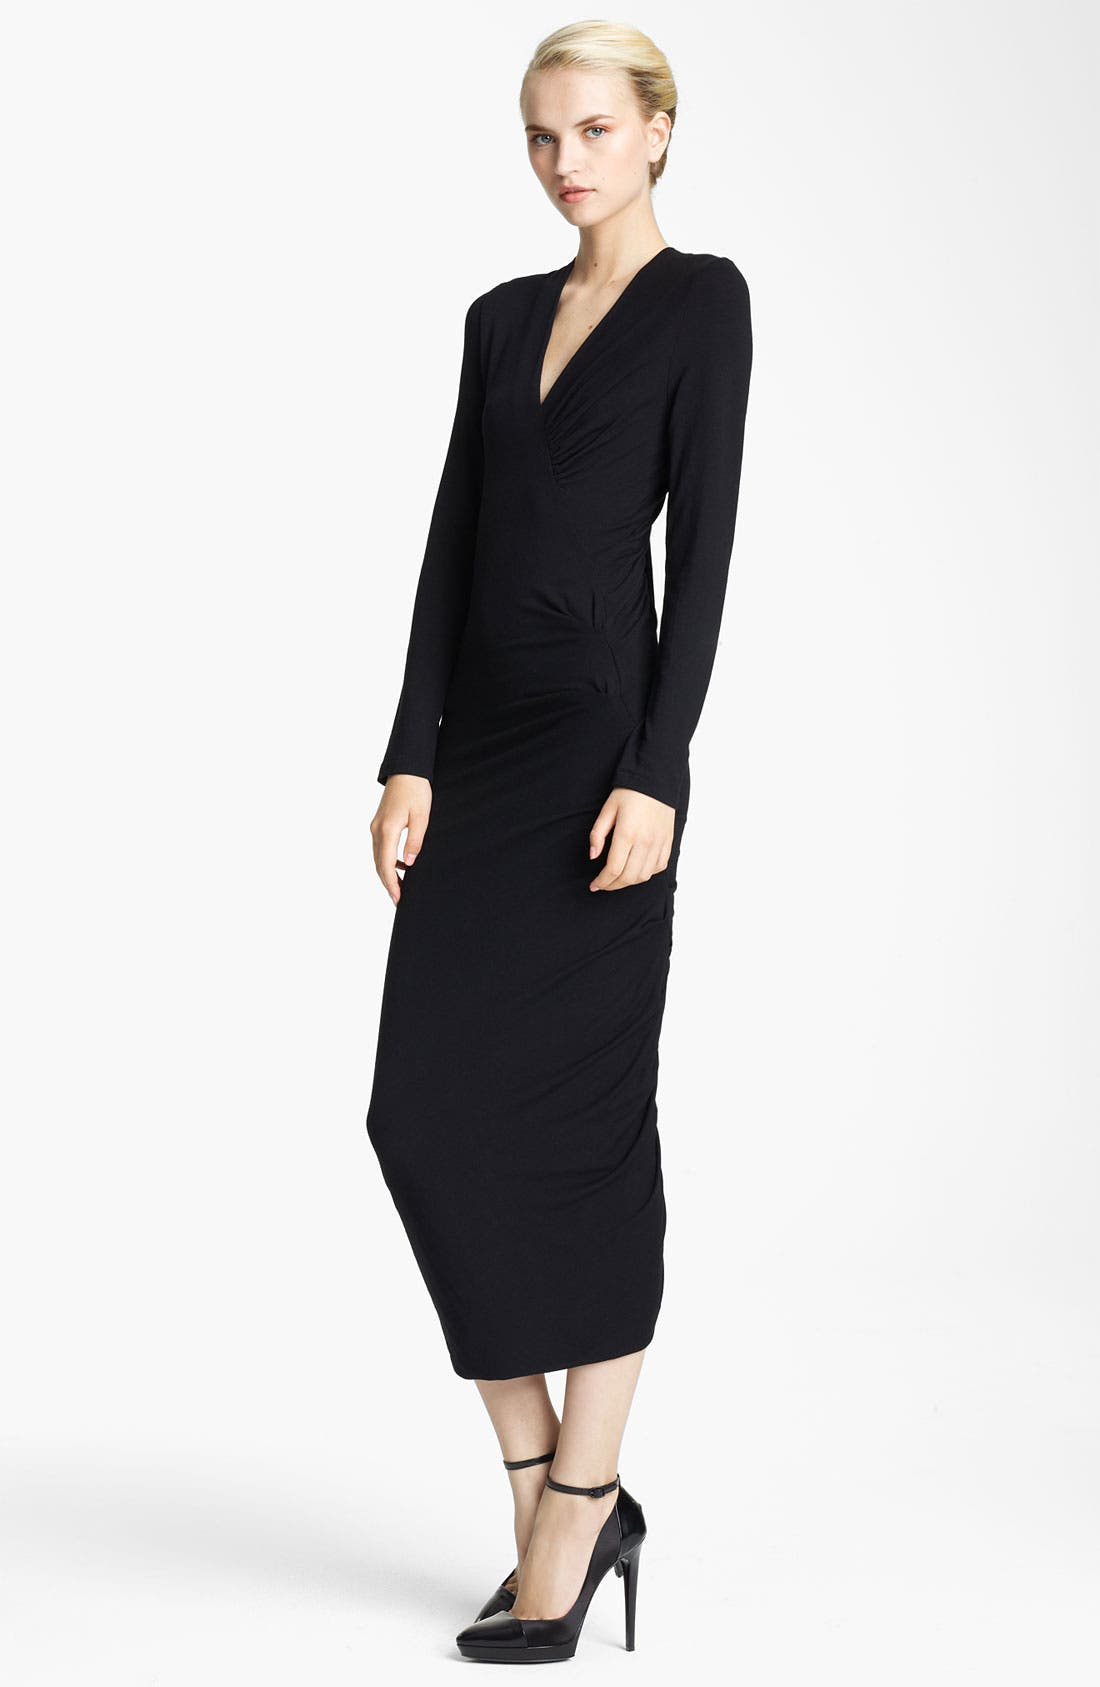 Main Image - Donna Karan Collection Jersey Dress